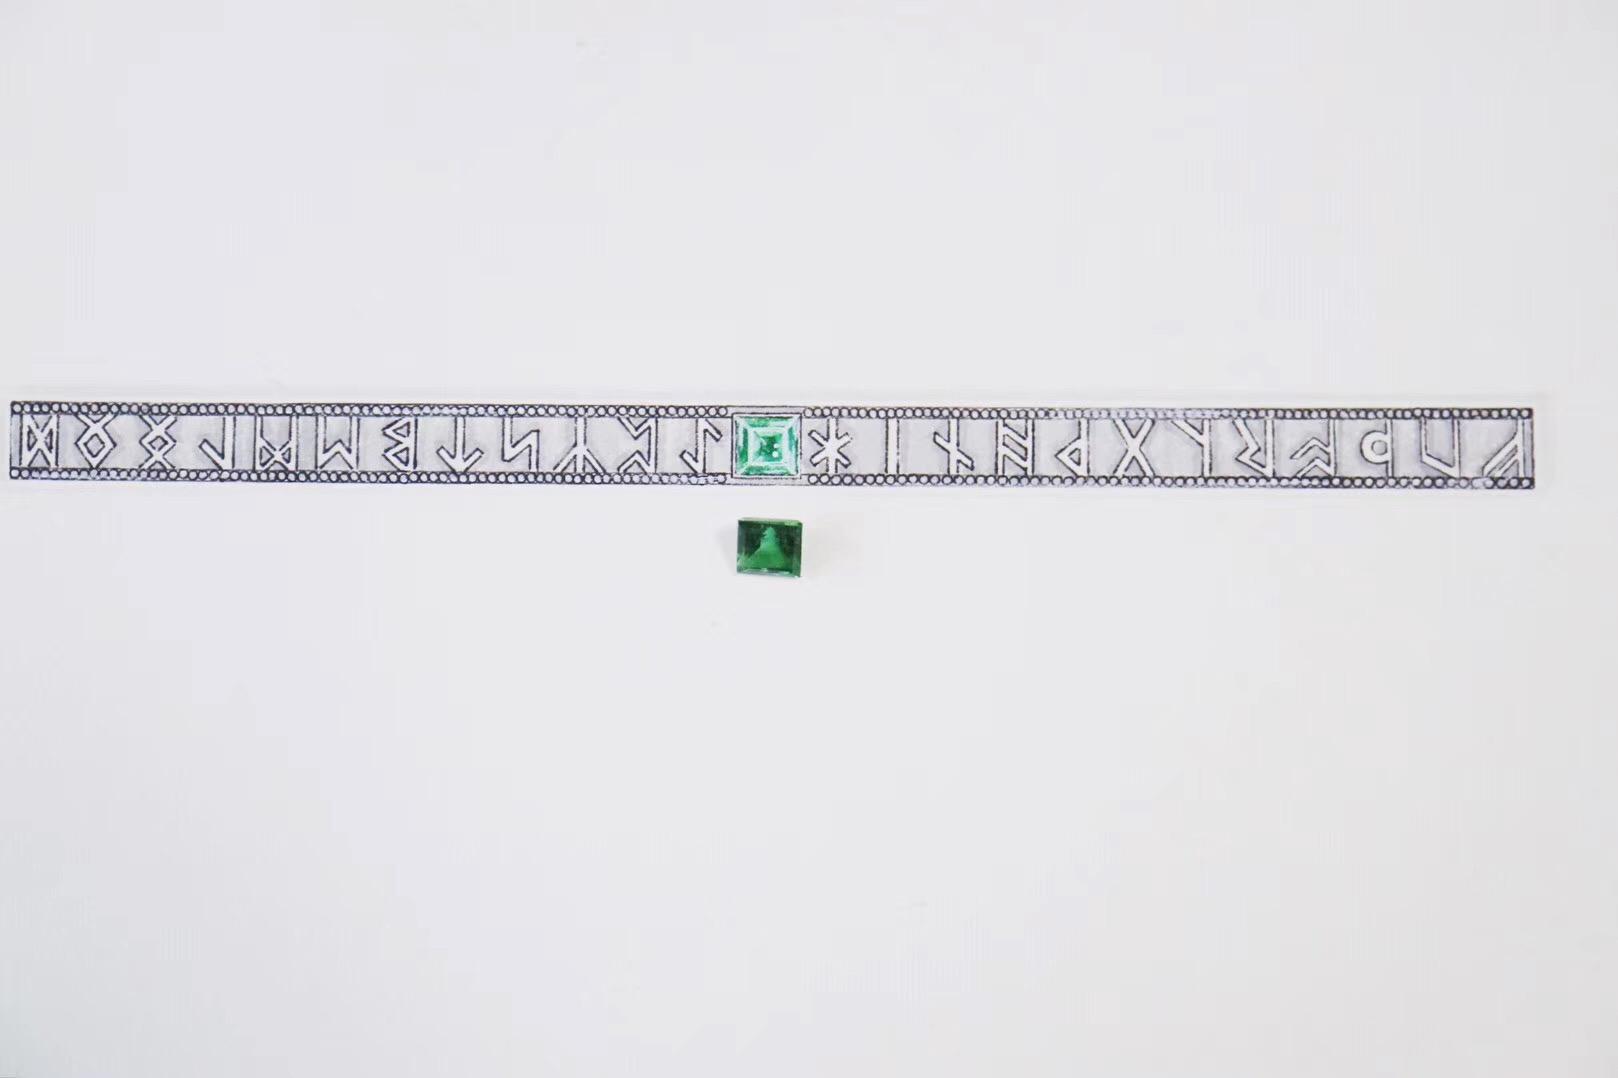 【菩心-绿碧玺】卢恩字母(Runes)又称为如尼字母,是一类失传已久的字母-菩心晶舍